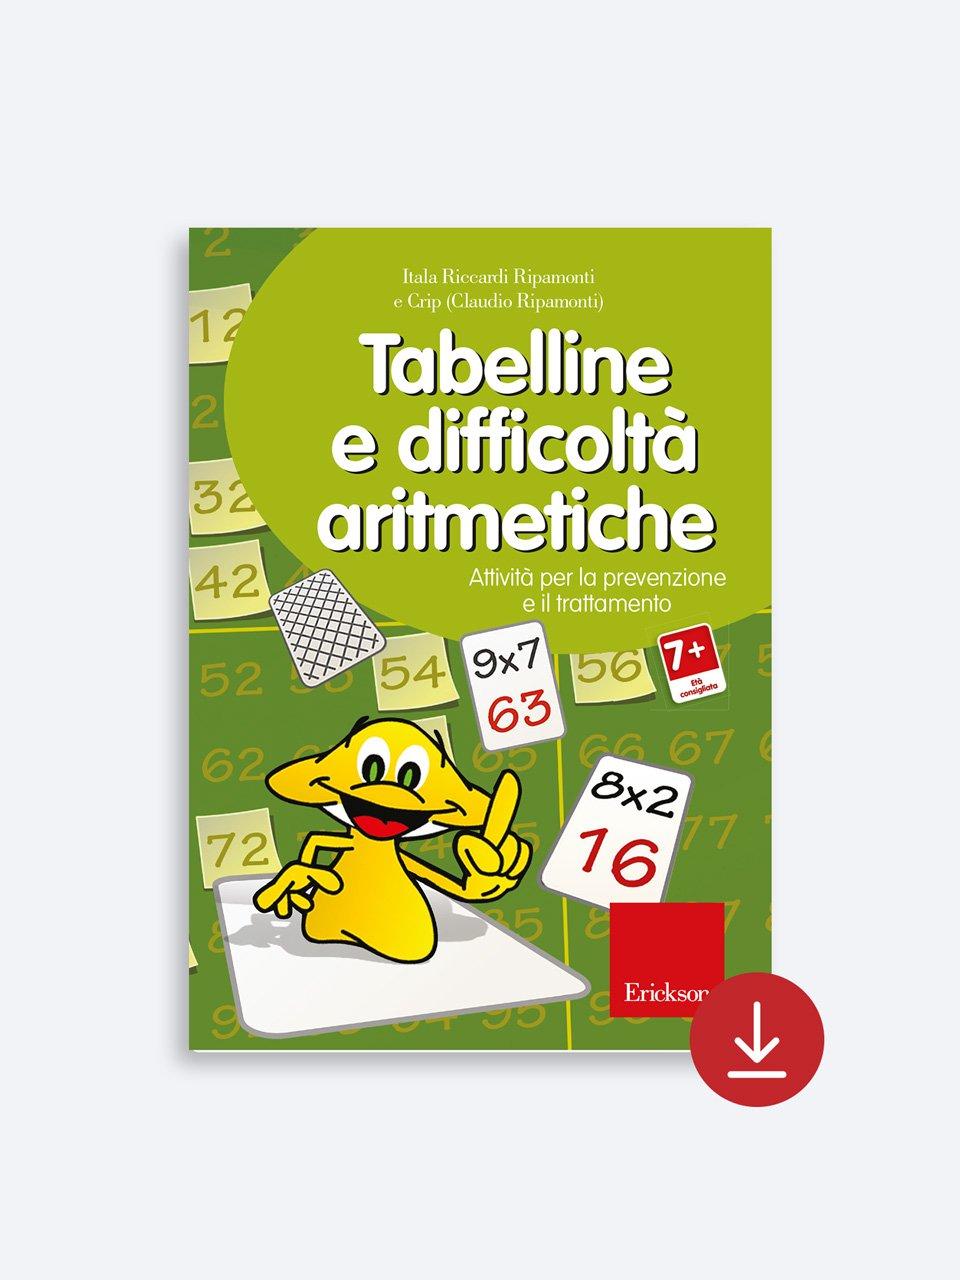 Tabelline e difficoltà aritmetiche - Libri - App e software - Erickson 6